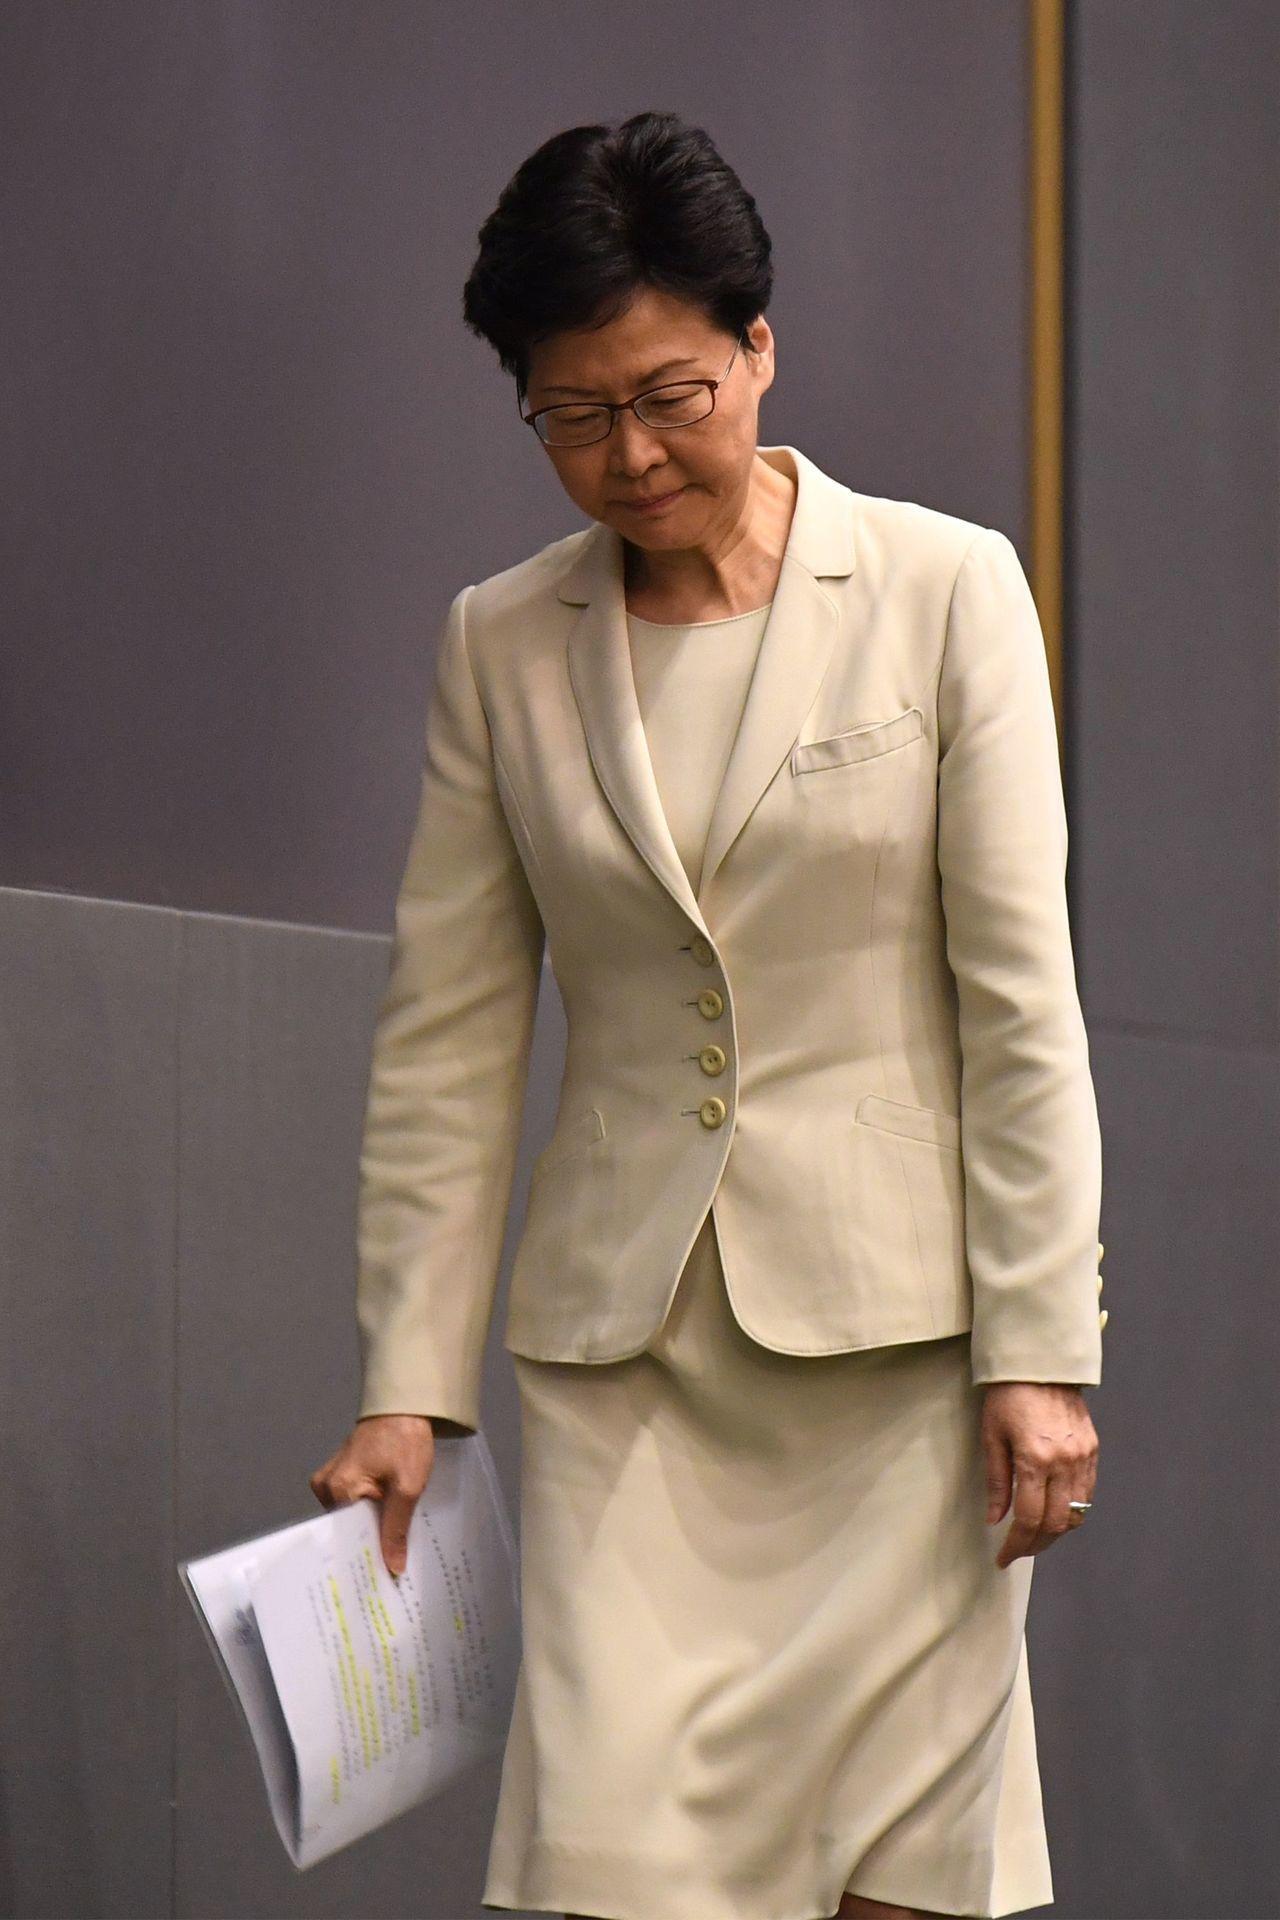 林鄭暴動說法「跟警方」 拒獨立委會查 +道歉穿17年當選特首「戰衣」 +證據不足...